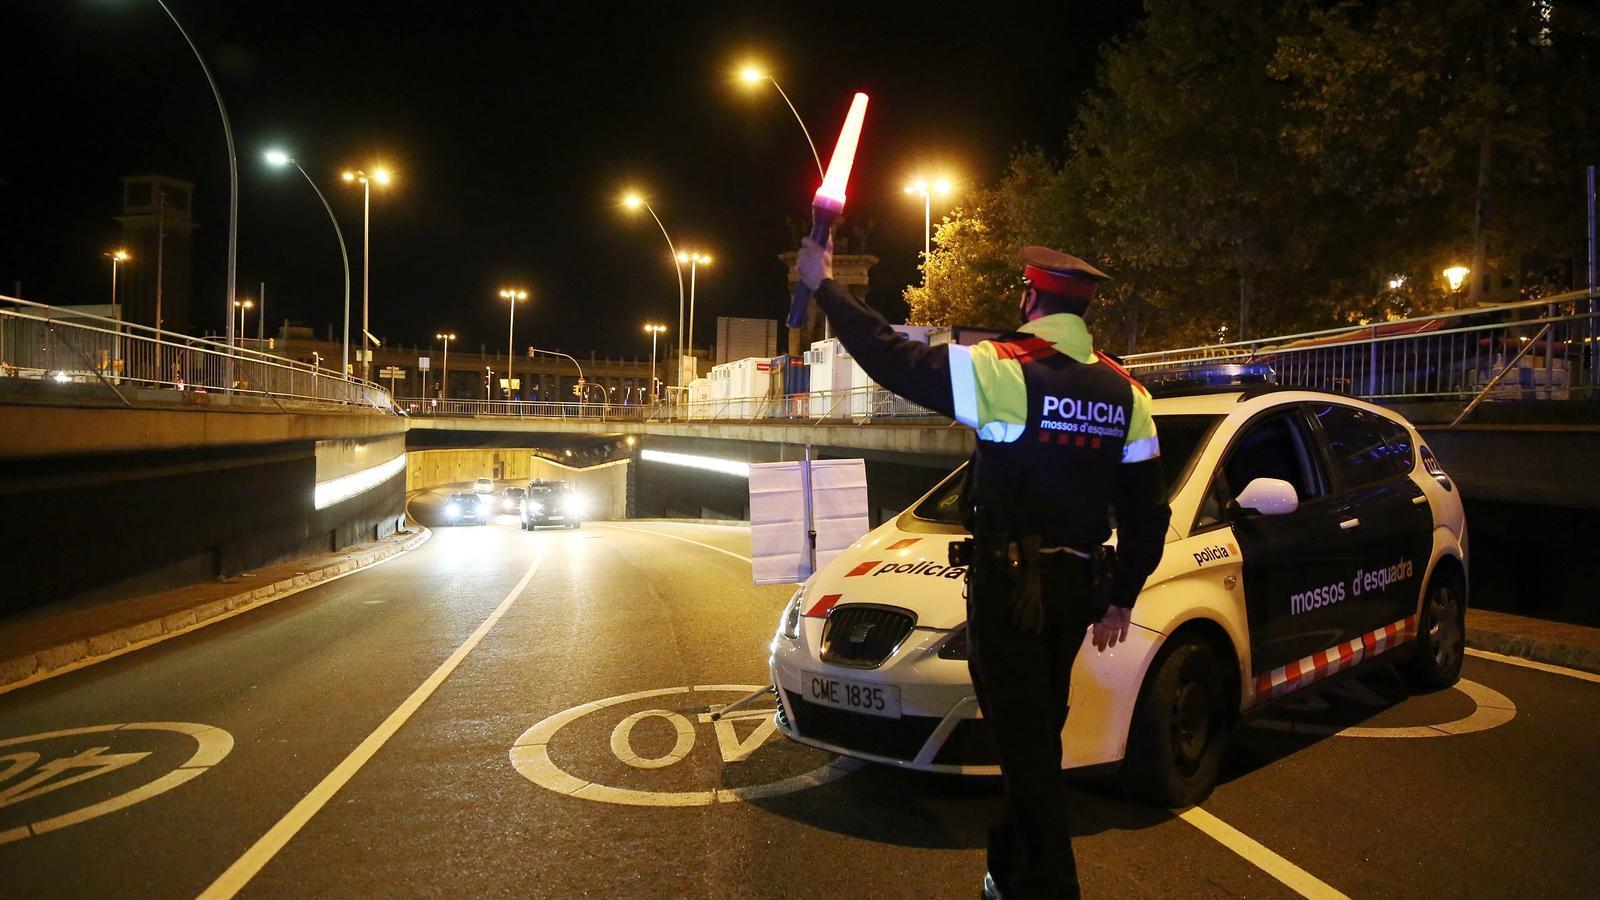 Els agents aturen tots els vehicles que passen pel control